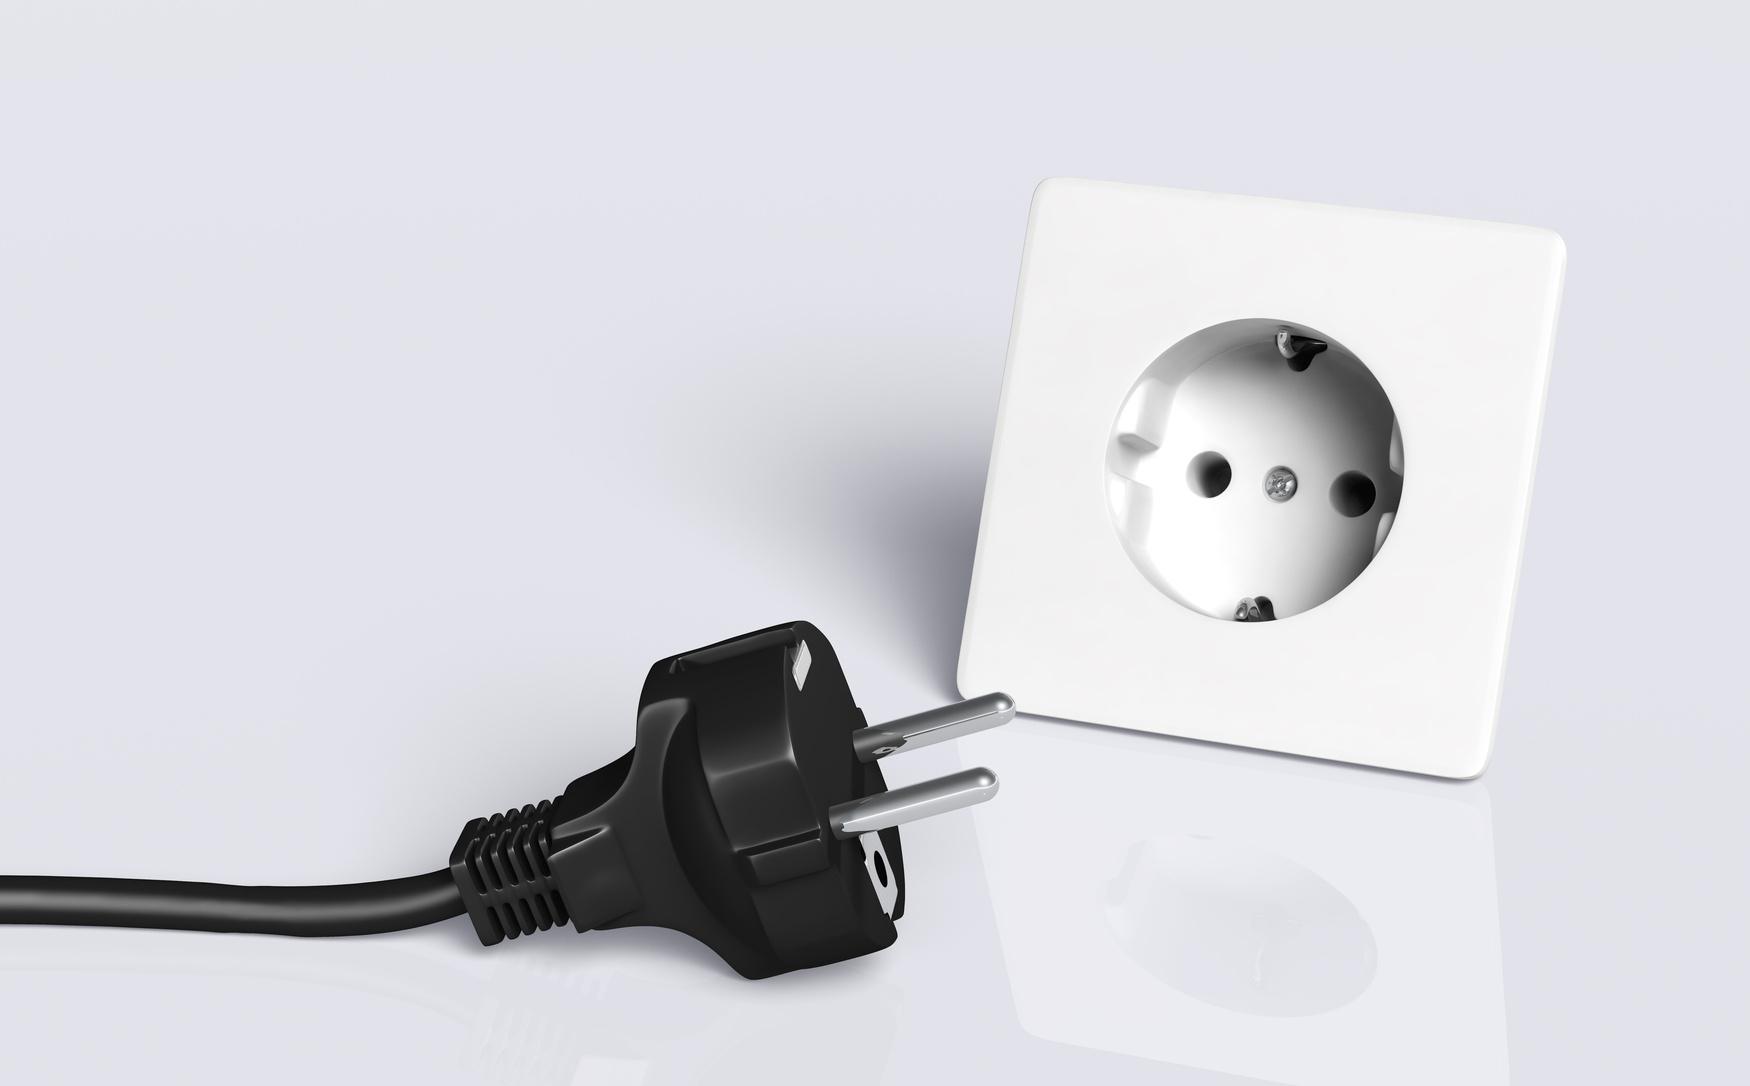 Prise électrique non branchée